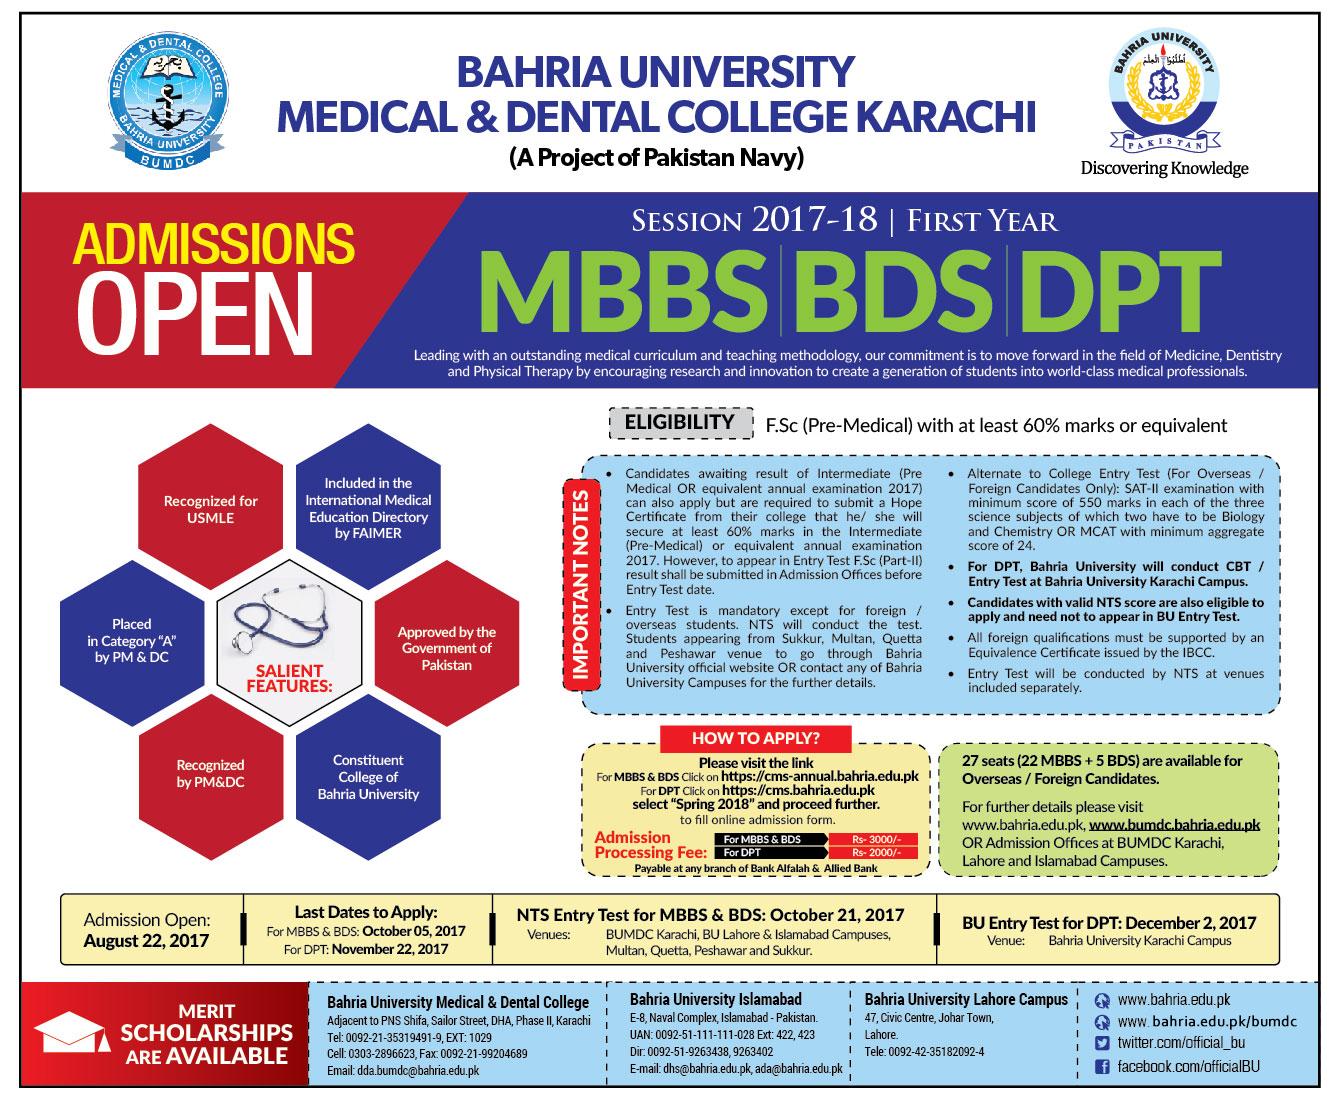 Bahria University MBBS, BDS, DPT Admissions 2017